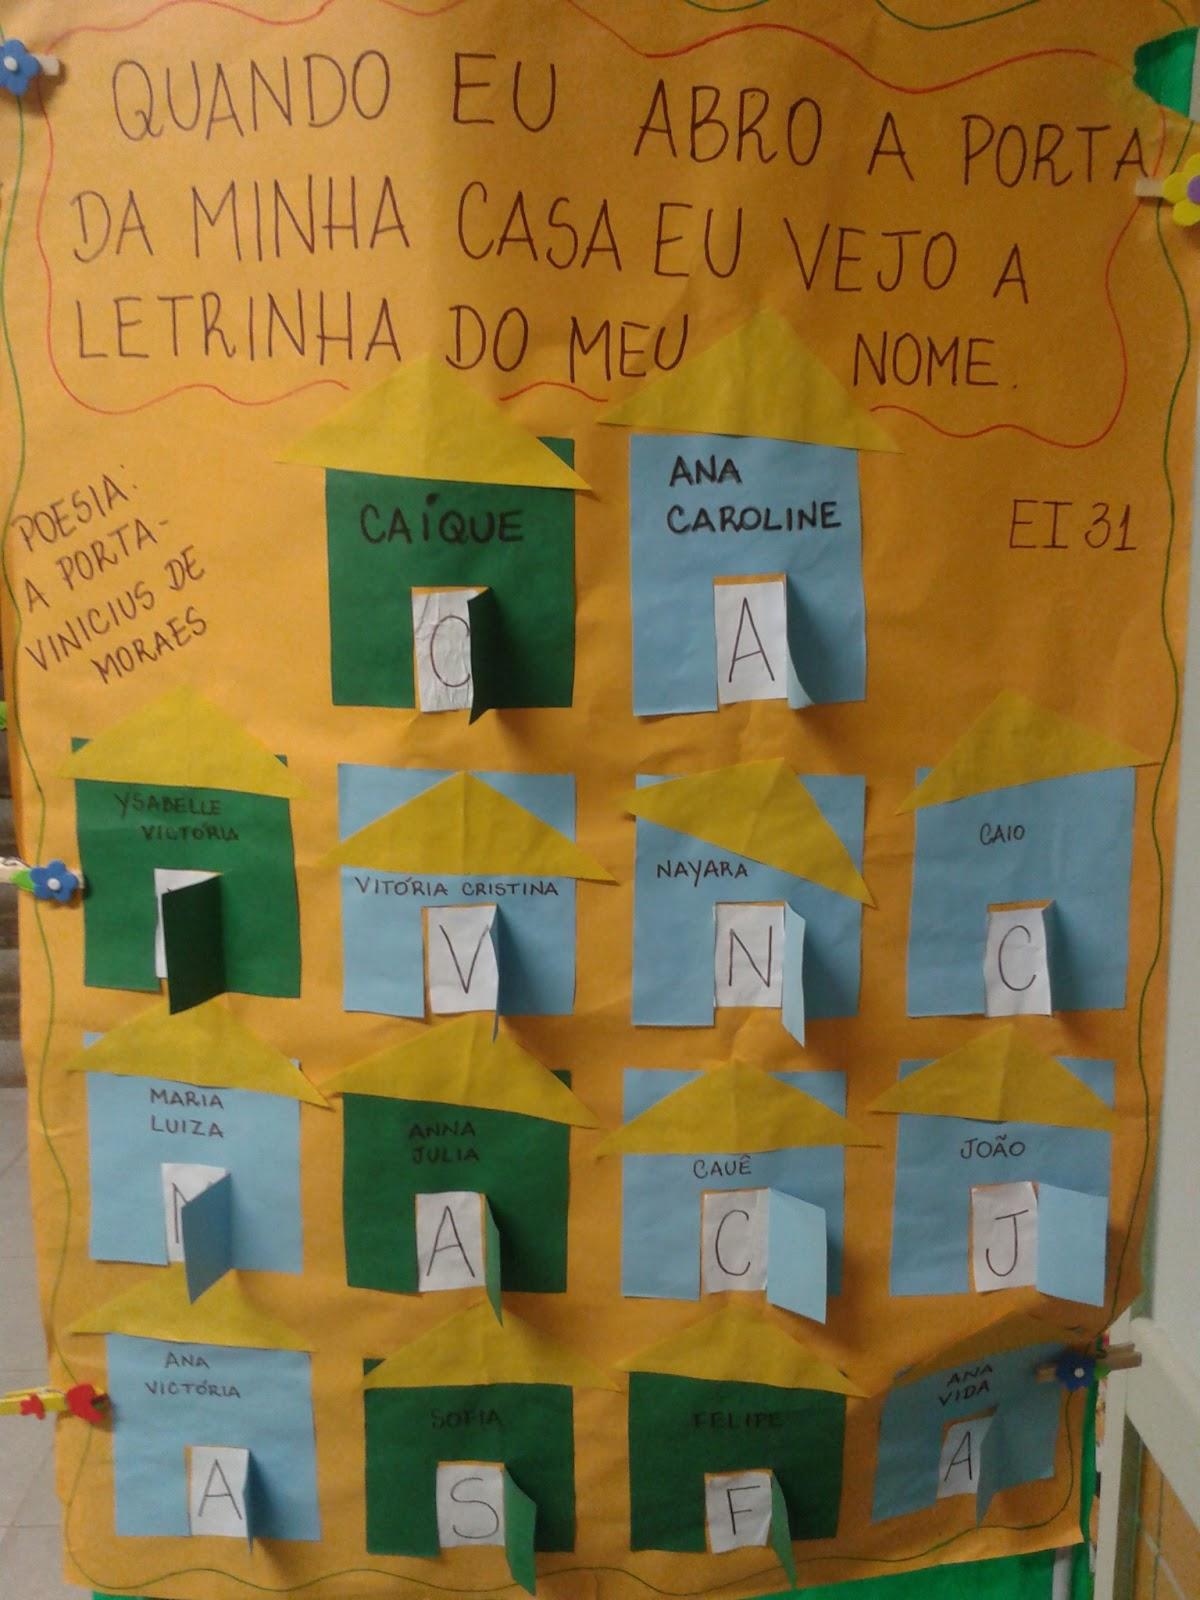 #784711 CRECHE MUNICIPAL PROFESSOR ROGÉRIO PEDRO BATISTA: A casa e  1538 Vedar Janelas Contra Vento